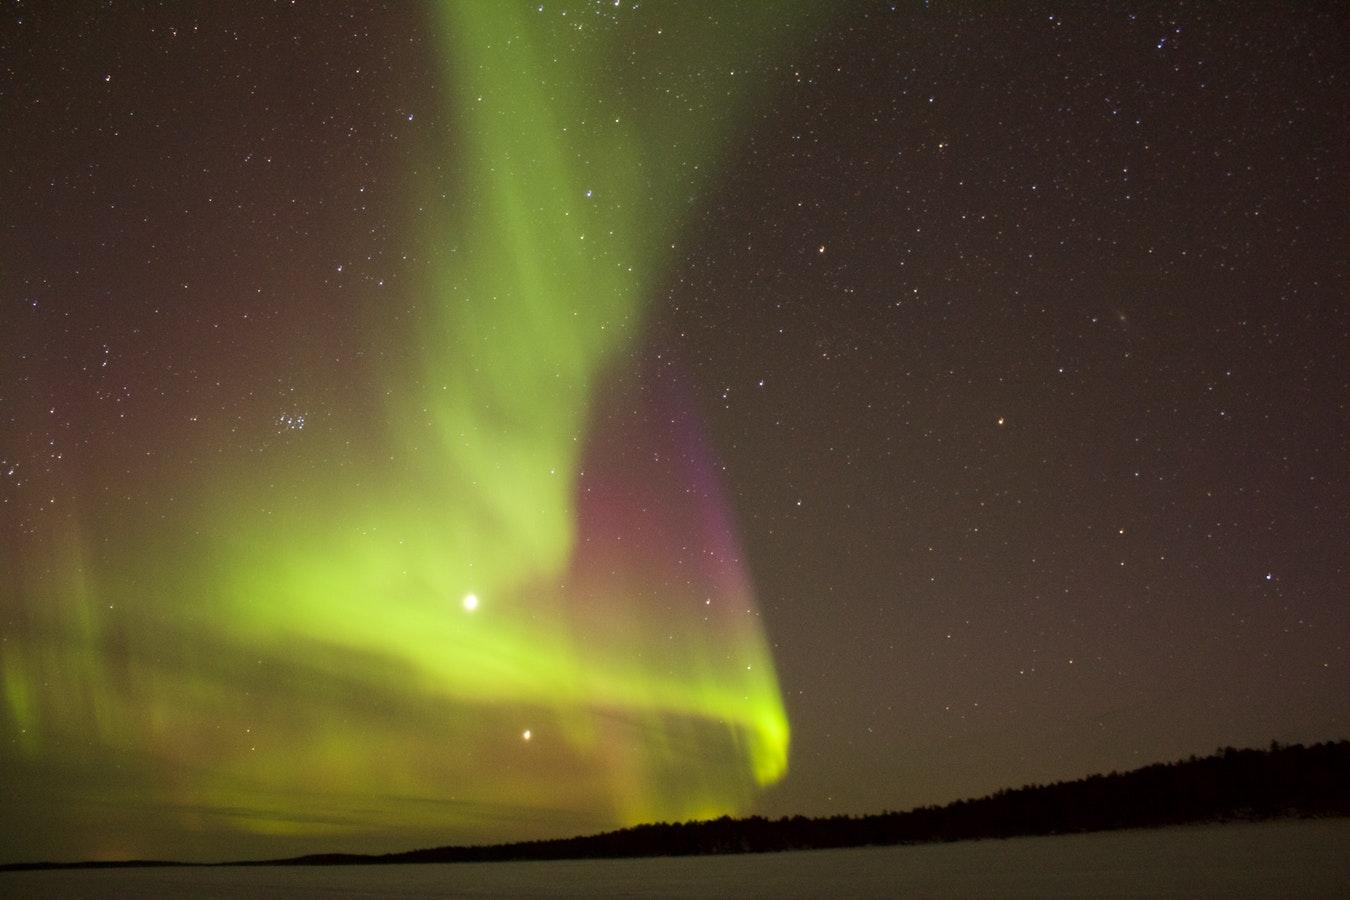 北海道でオーロラが見れる?発生条件や観測場所を調べてみた!